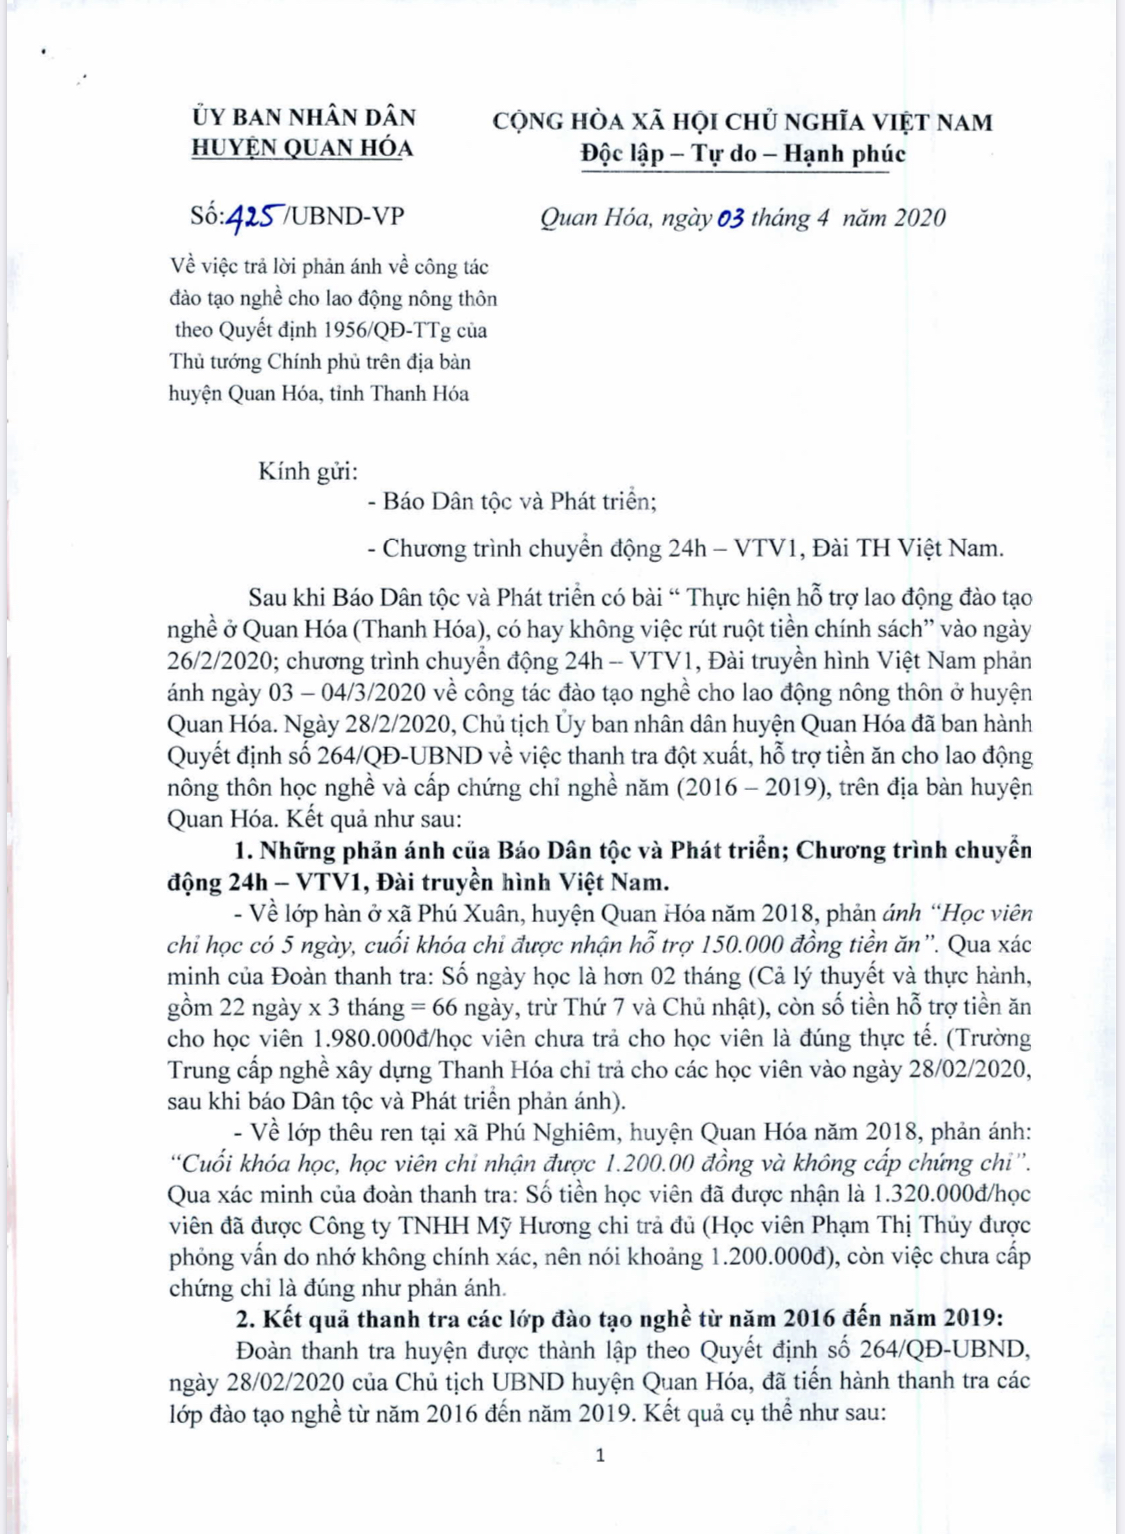 Công văn của UBND huyện Quan Hóa (Thanh Hóa) trả lời phản ánh của các cơ quan báo chí